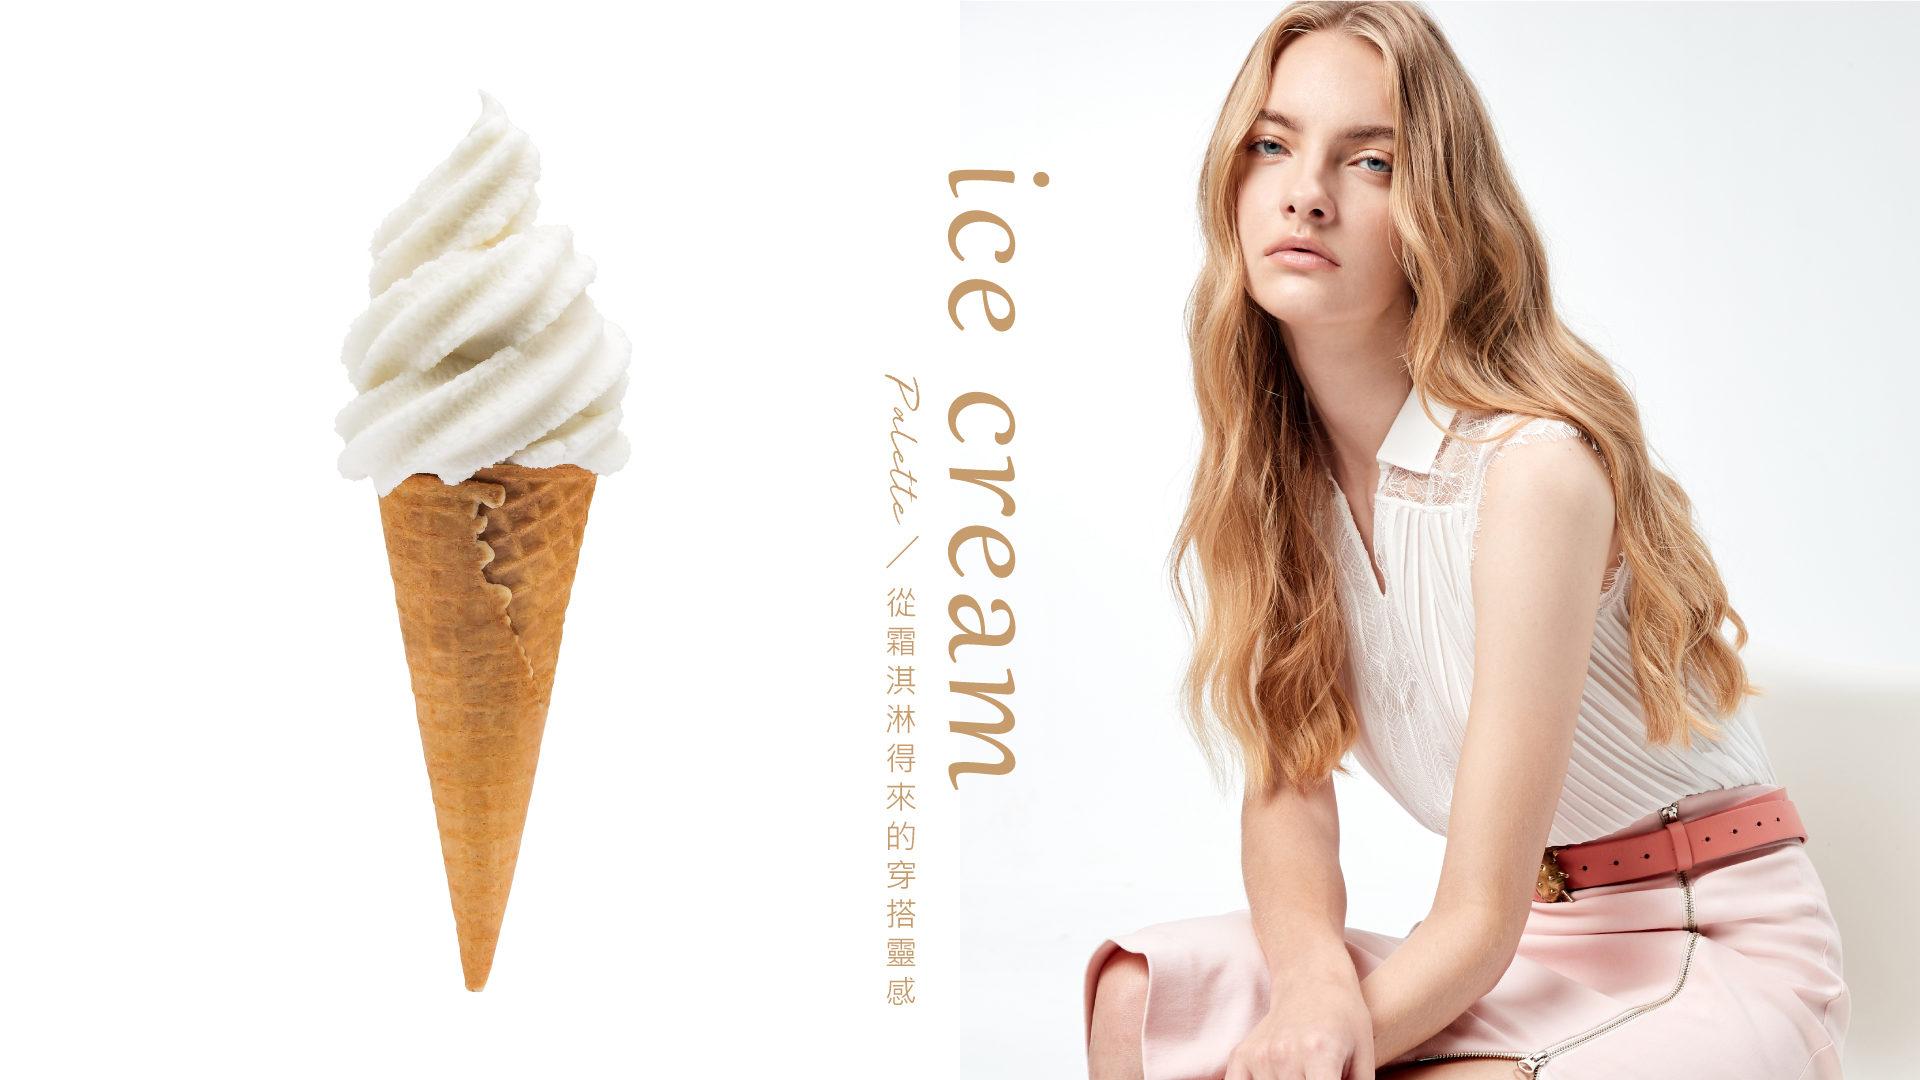 霜淇淋旋風再度來襲,時尚穿搭也跟風~